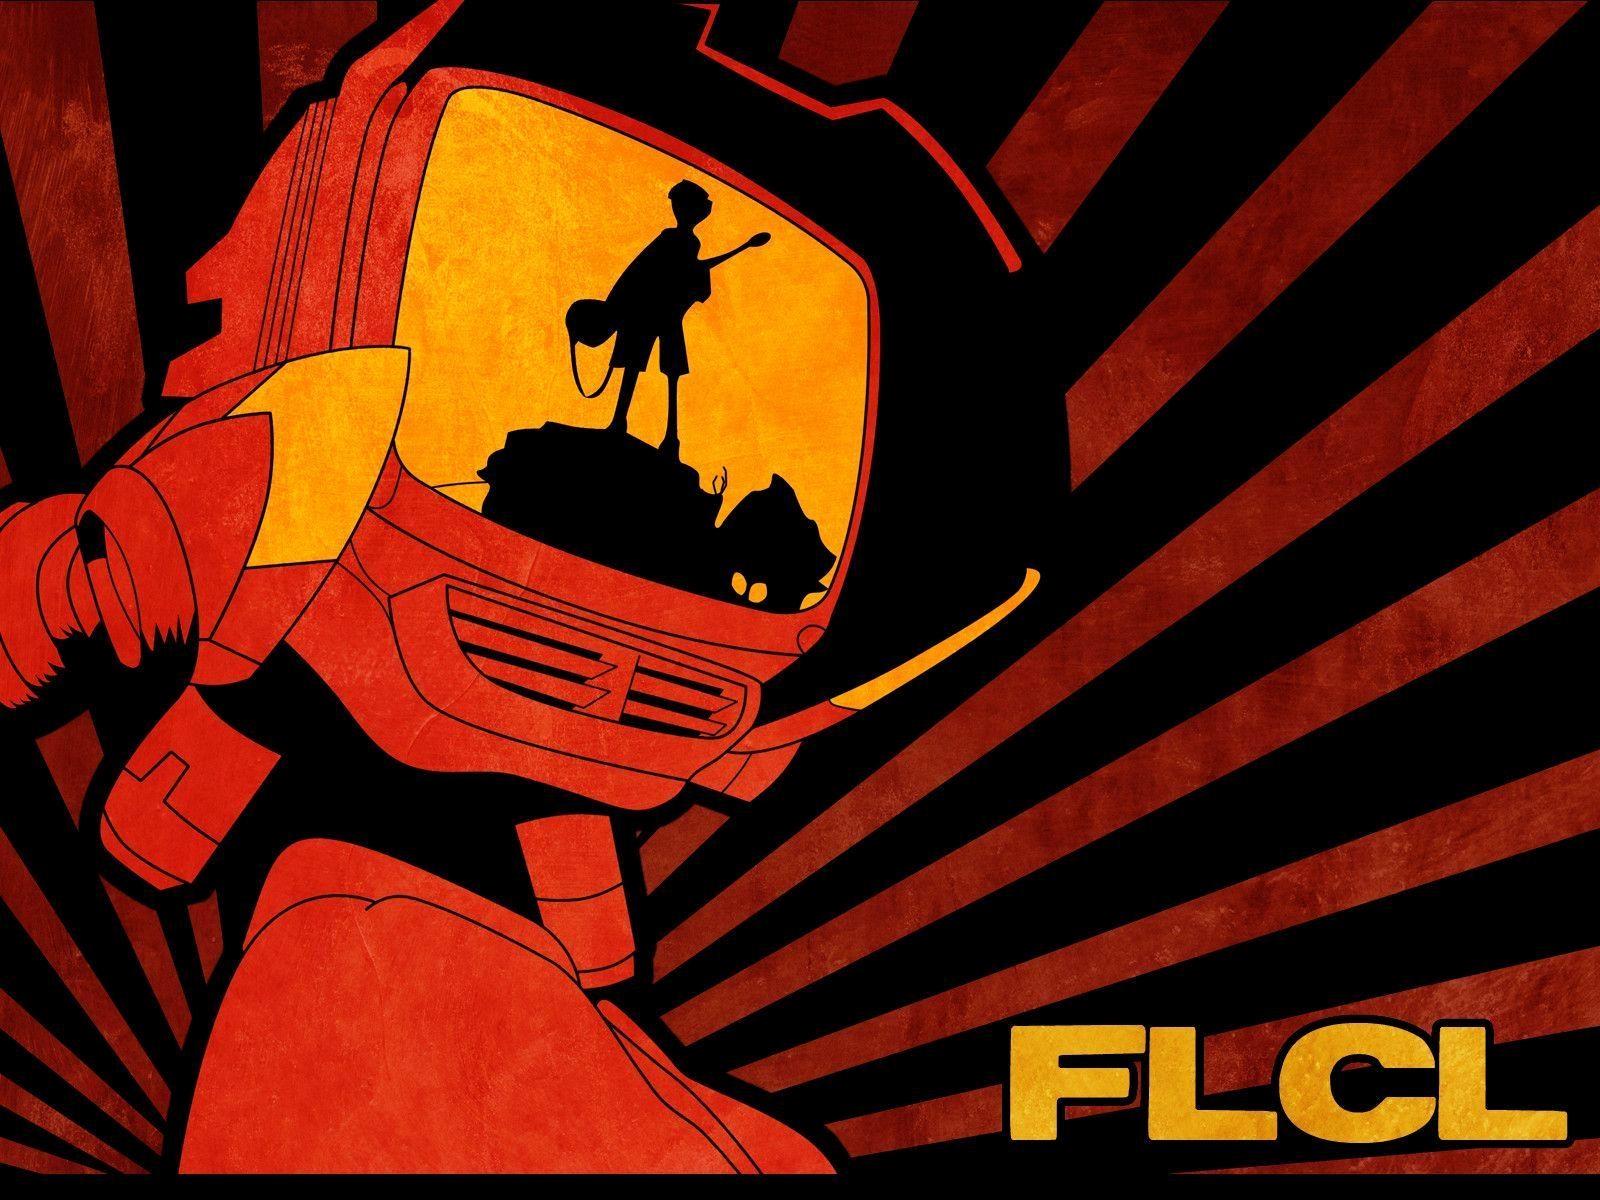 FLCL Wallpaper HD